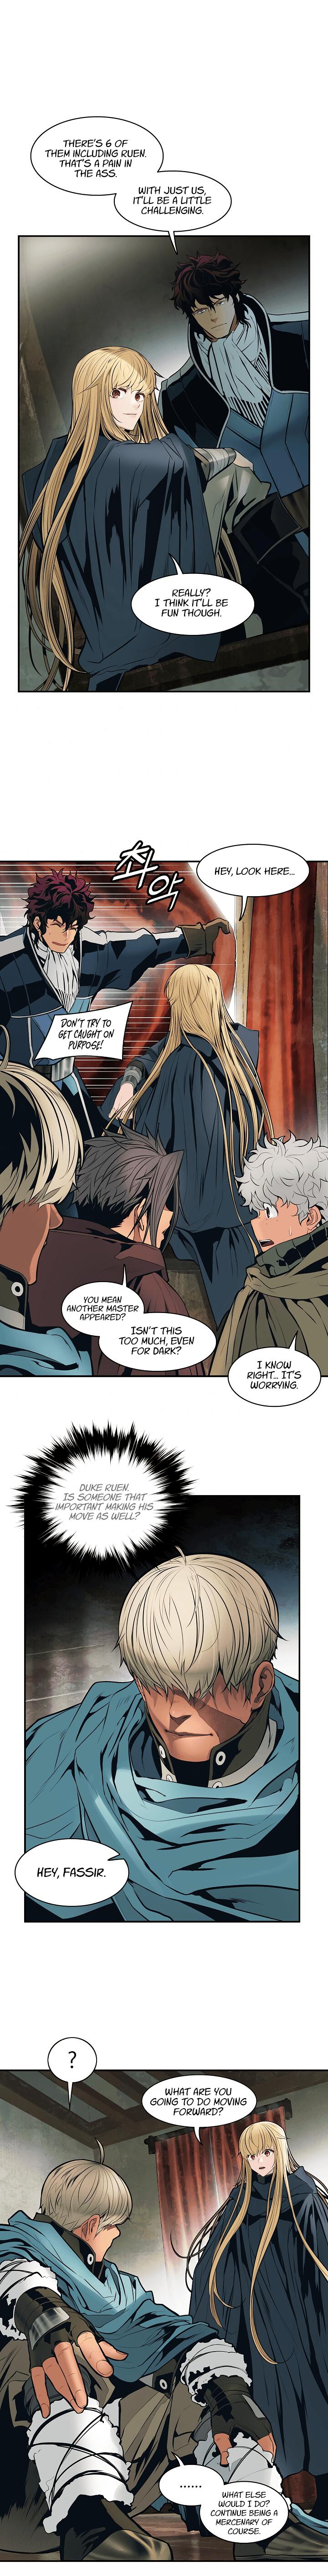 Manga MookHyang - Dark Lady - Chapter 92 Page 1